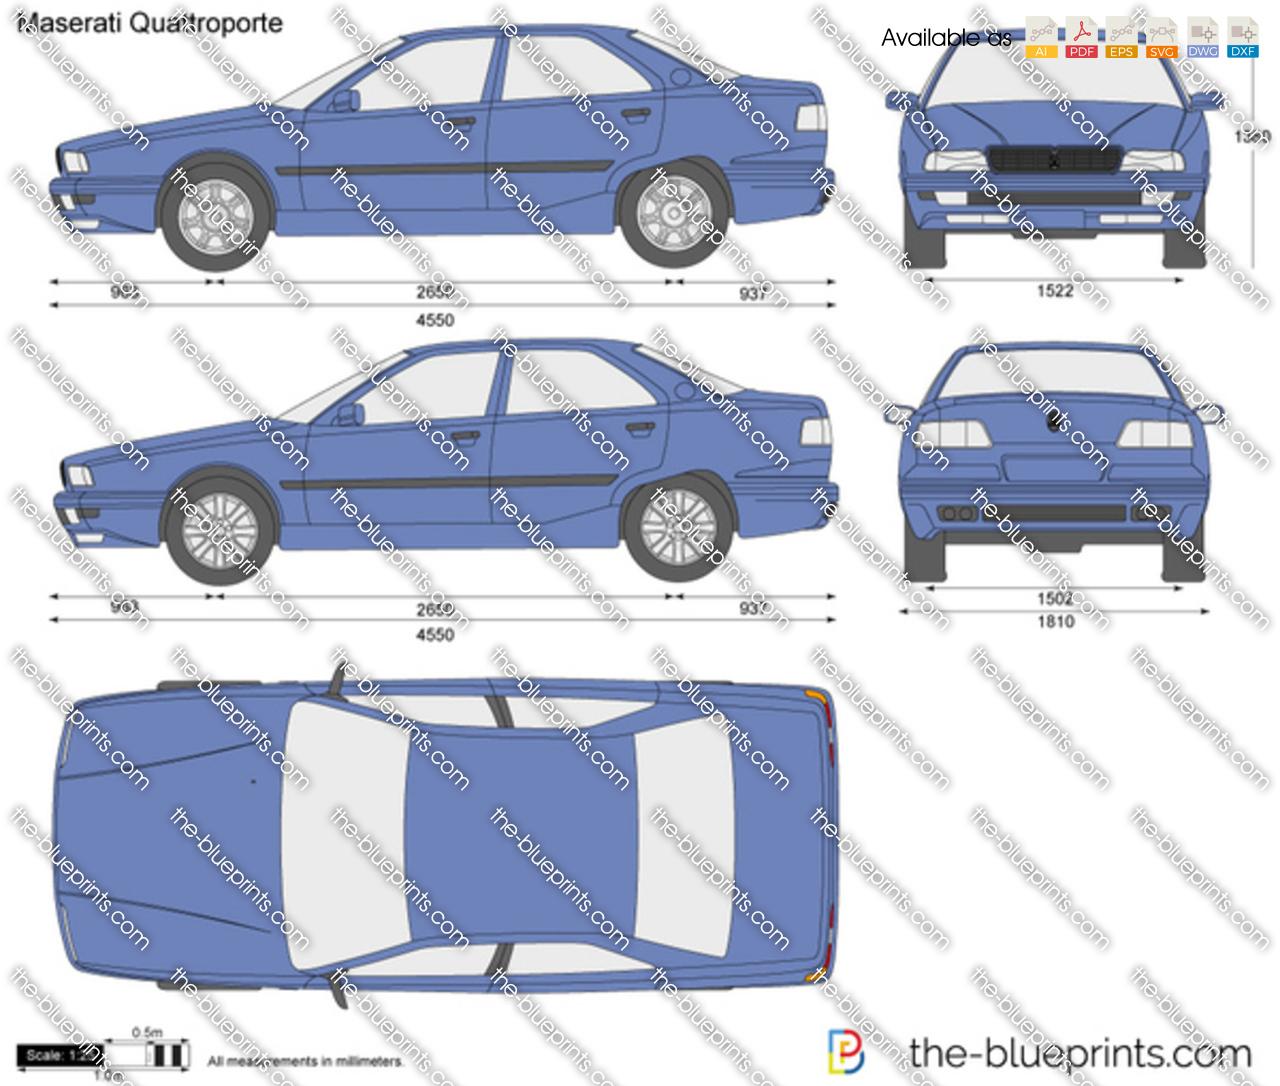 Maserati Quattroporte 1998